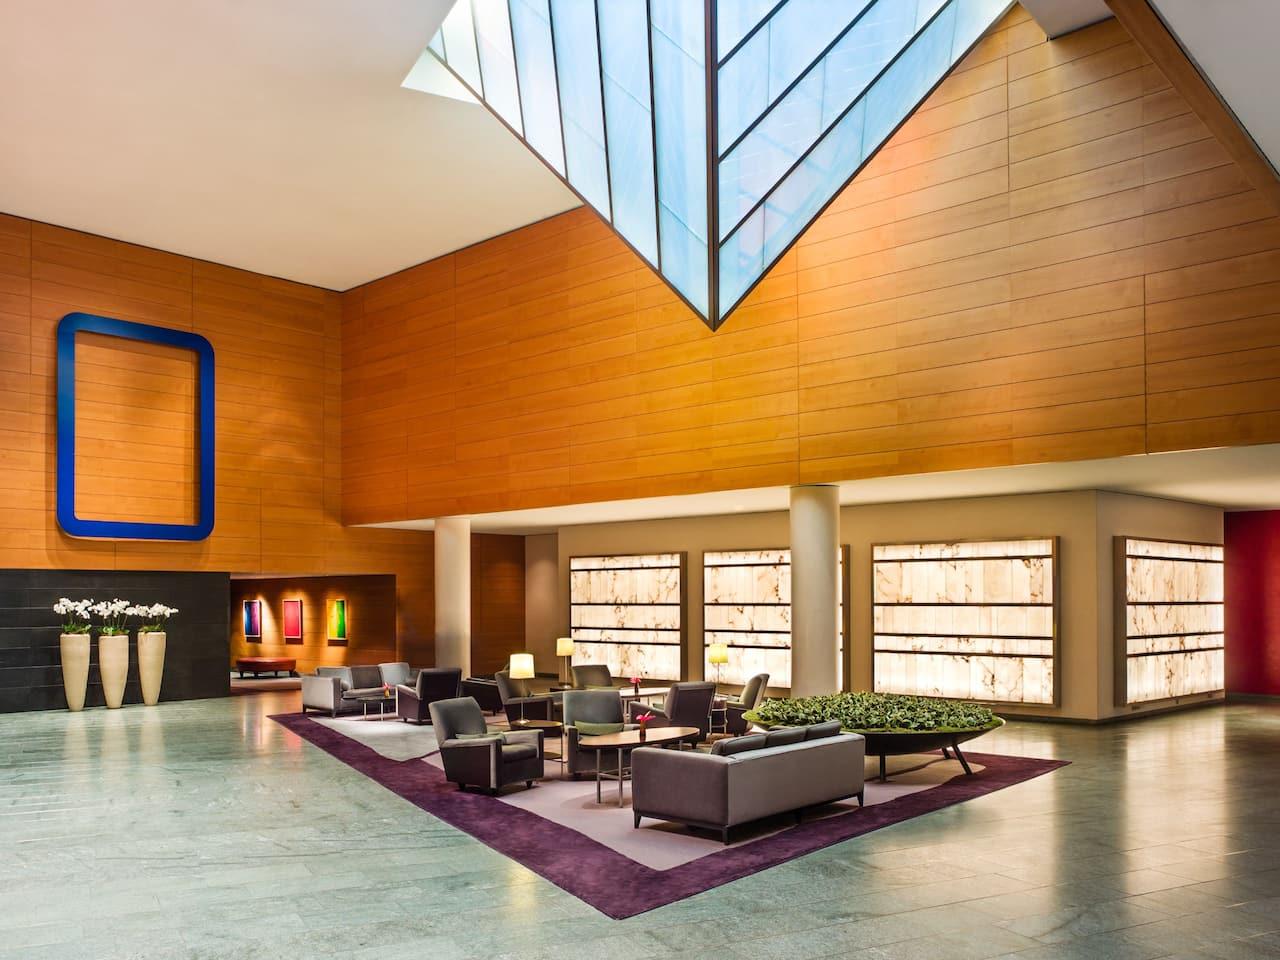 Lobby at Grand Hyatt Berlin